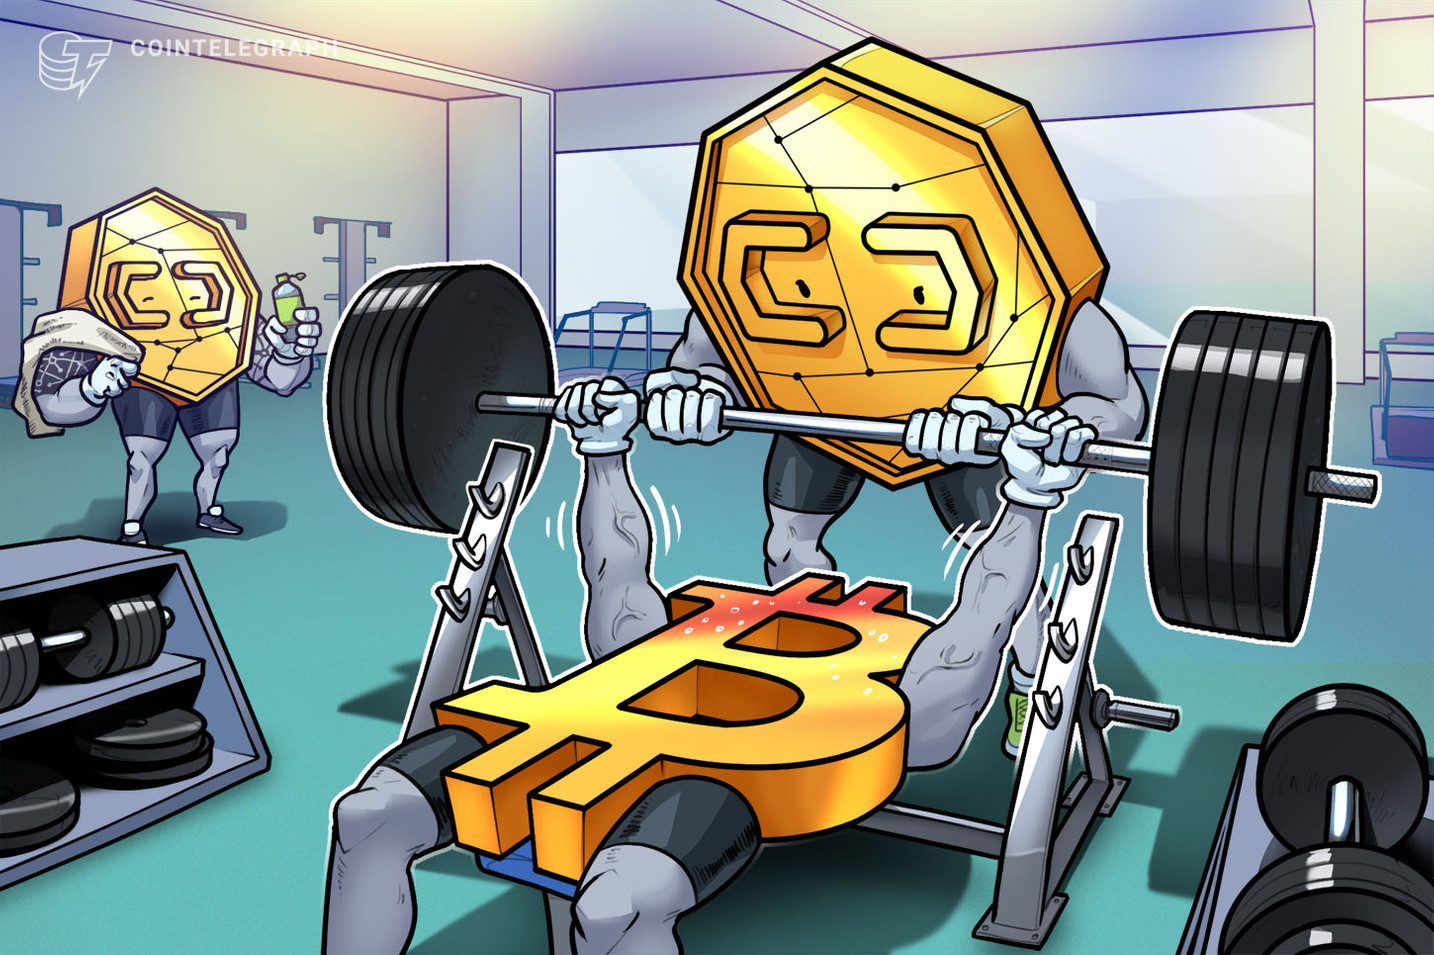 Preço do Bitcoin sobe 40% em um dia, chega aos US$42K, enquanto Cardano e Dogecoin se juntam ao time